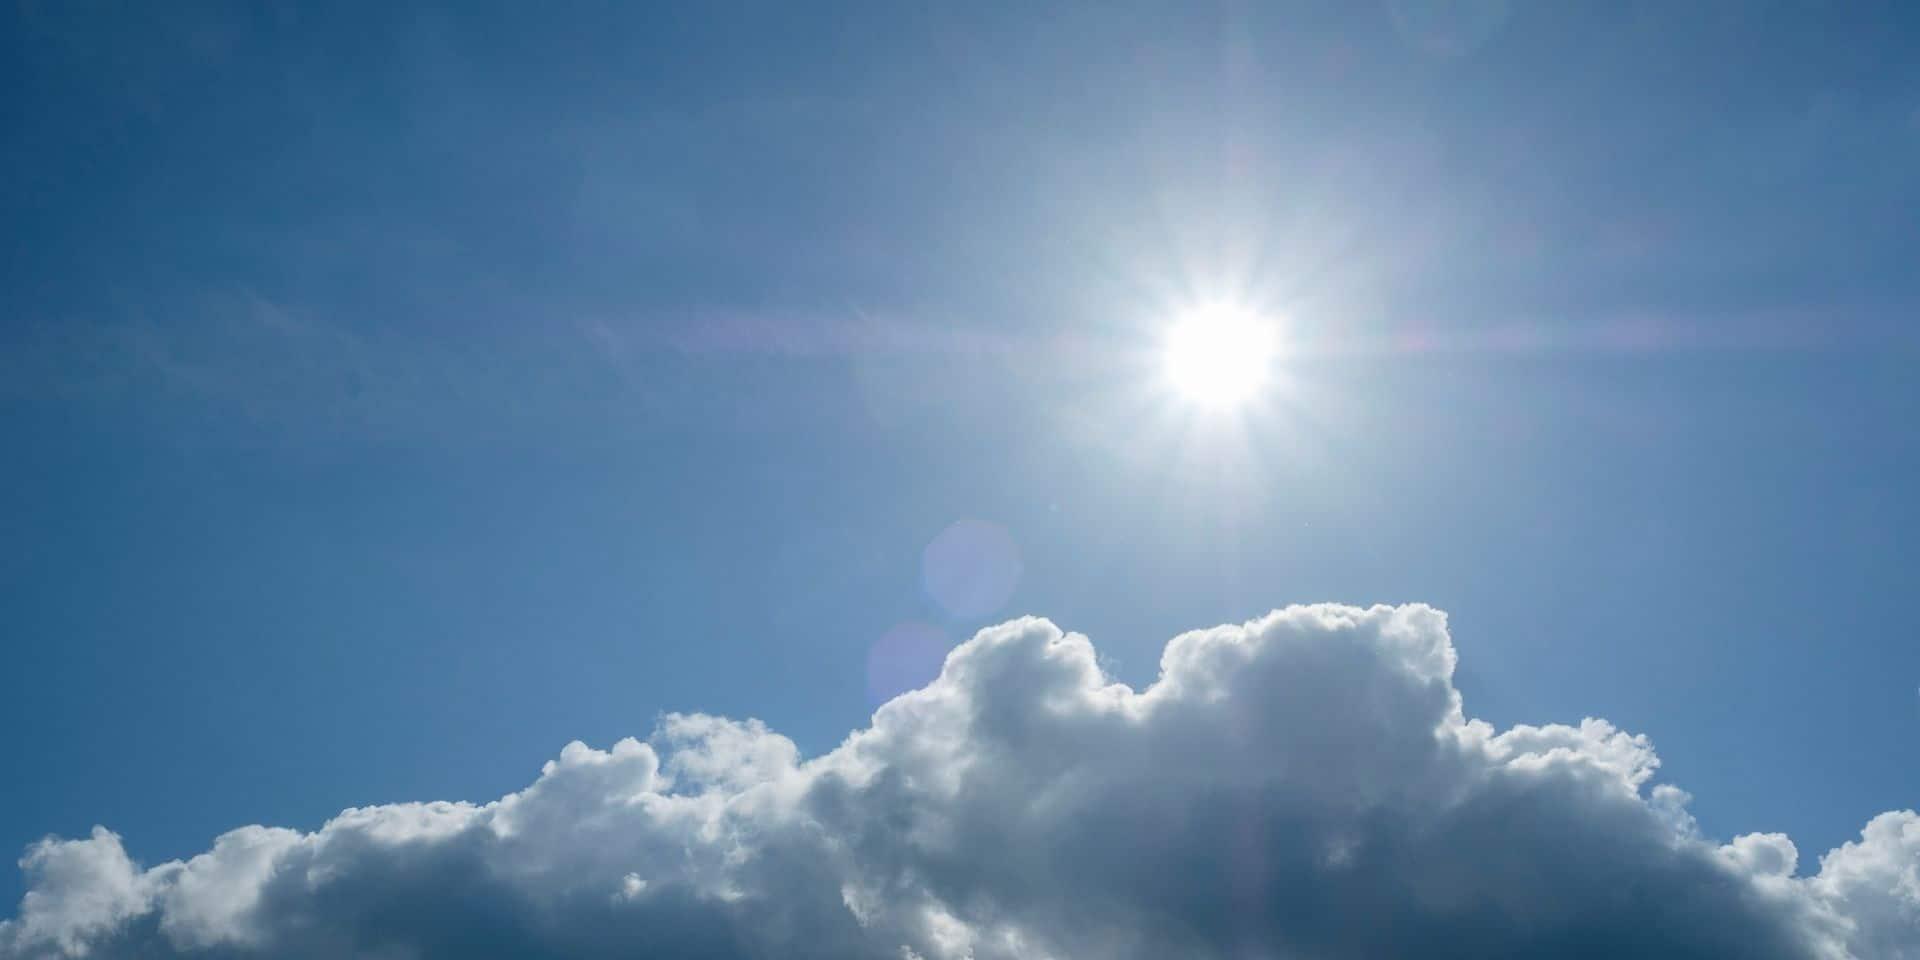 Météo: fin de semaine entre passages nuageux et éclaircies